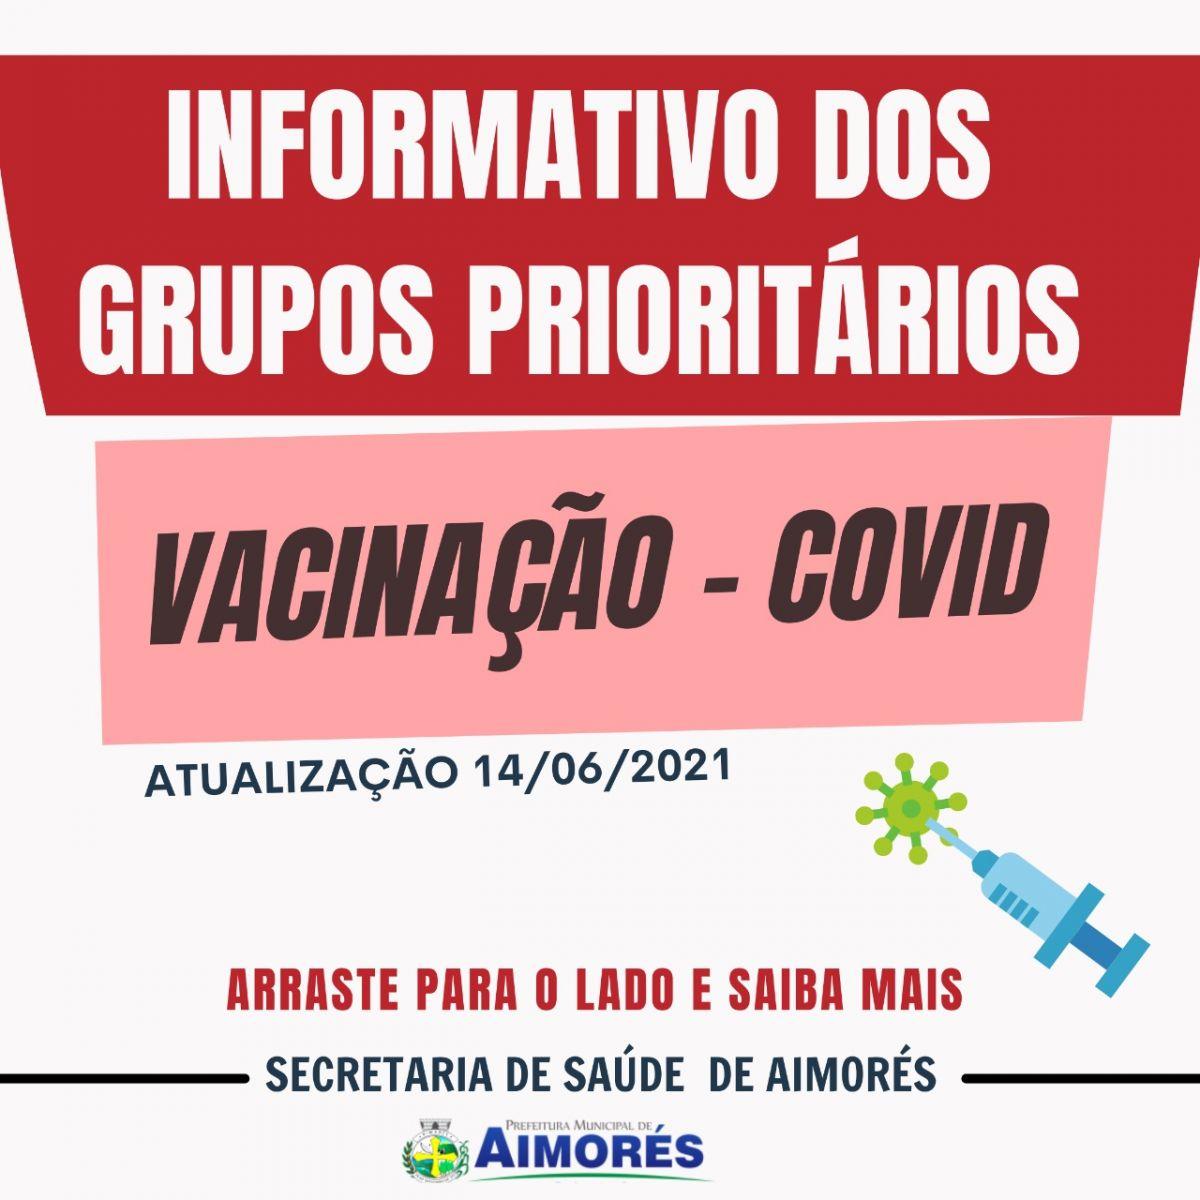 Informativo publicado pela Secretaria Municipal de Saúde de Aimorés